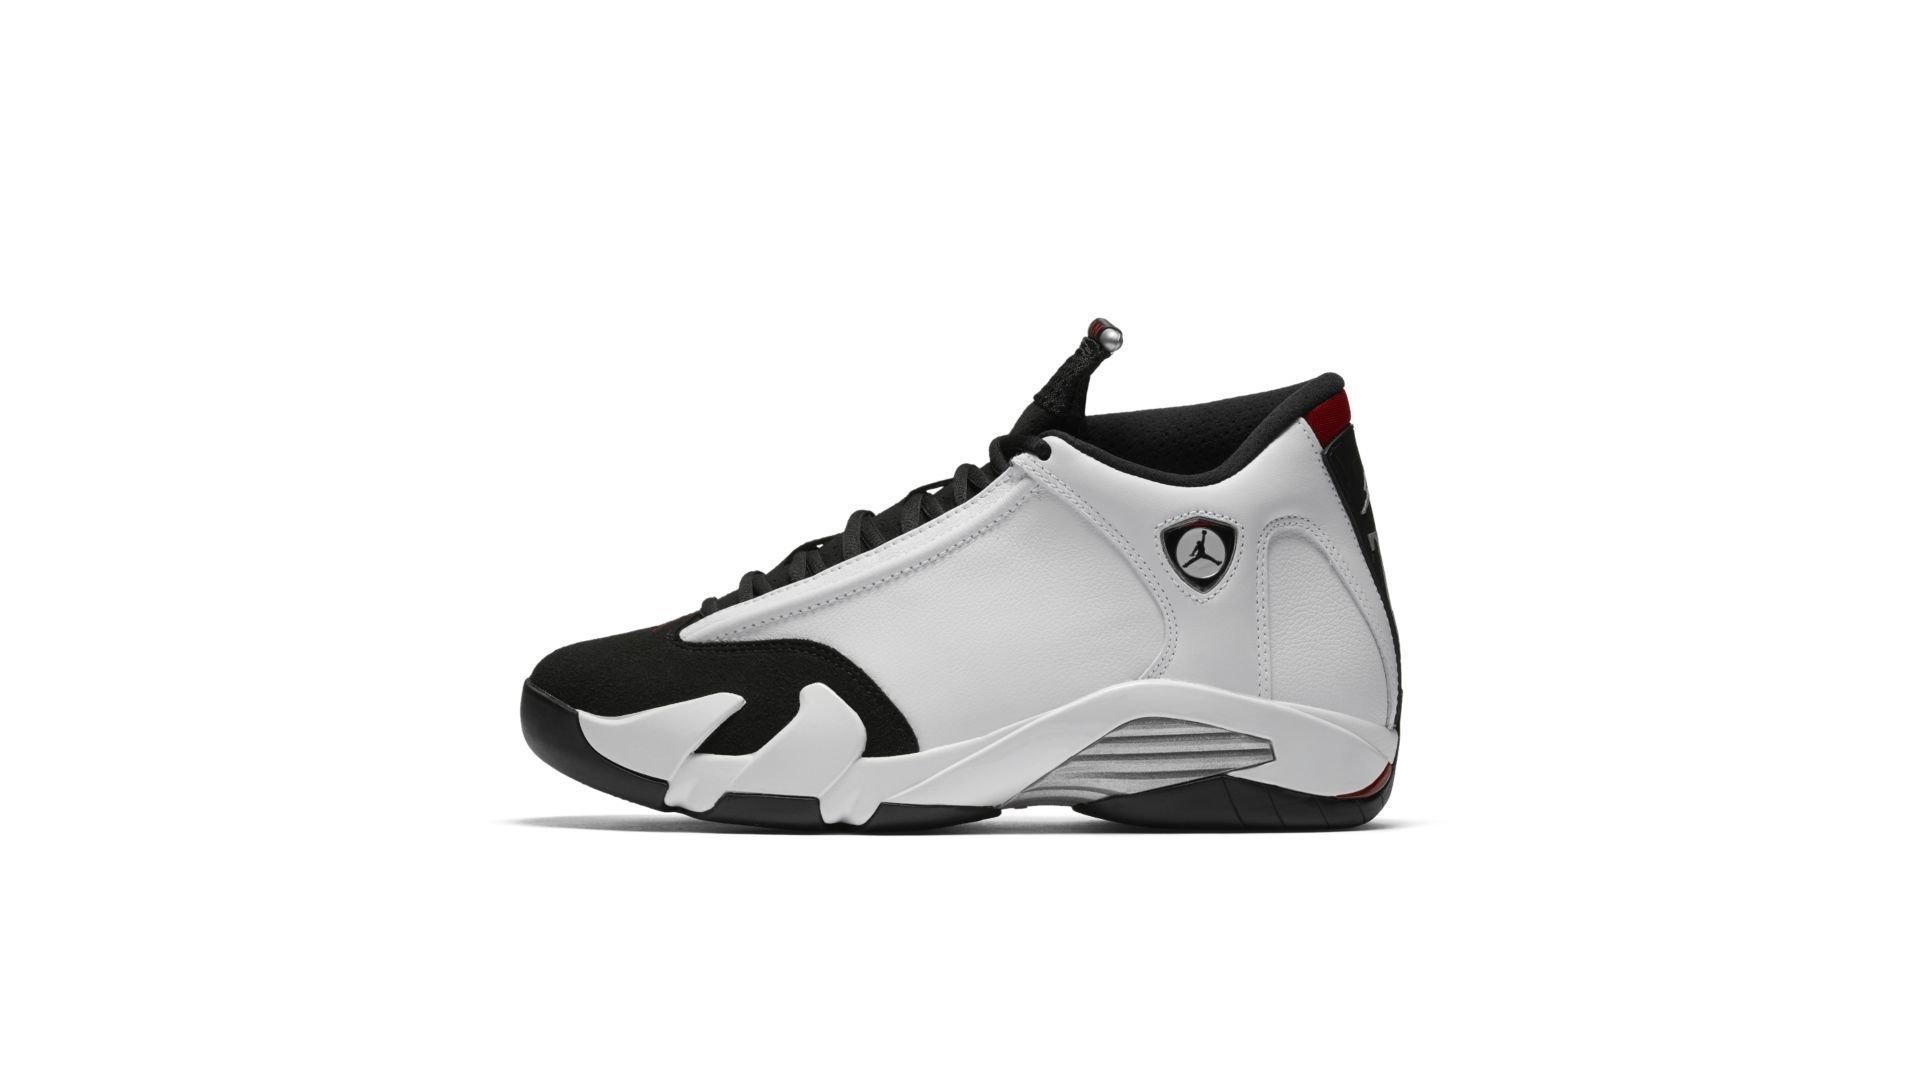 Jordan 14 Retro Black Toe (2014) (487471-102)